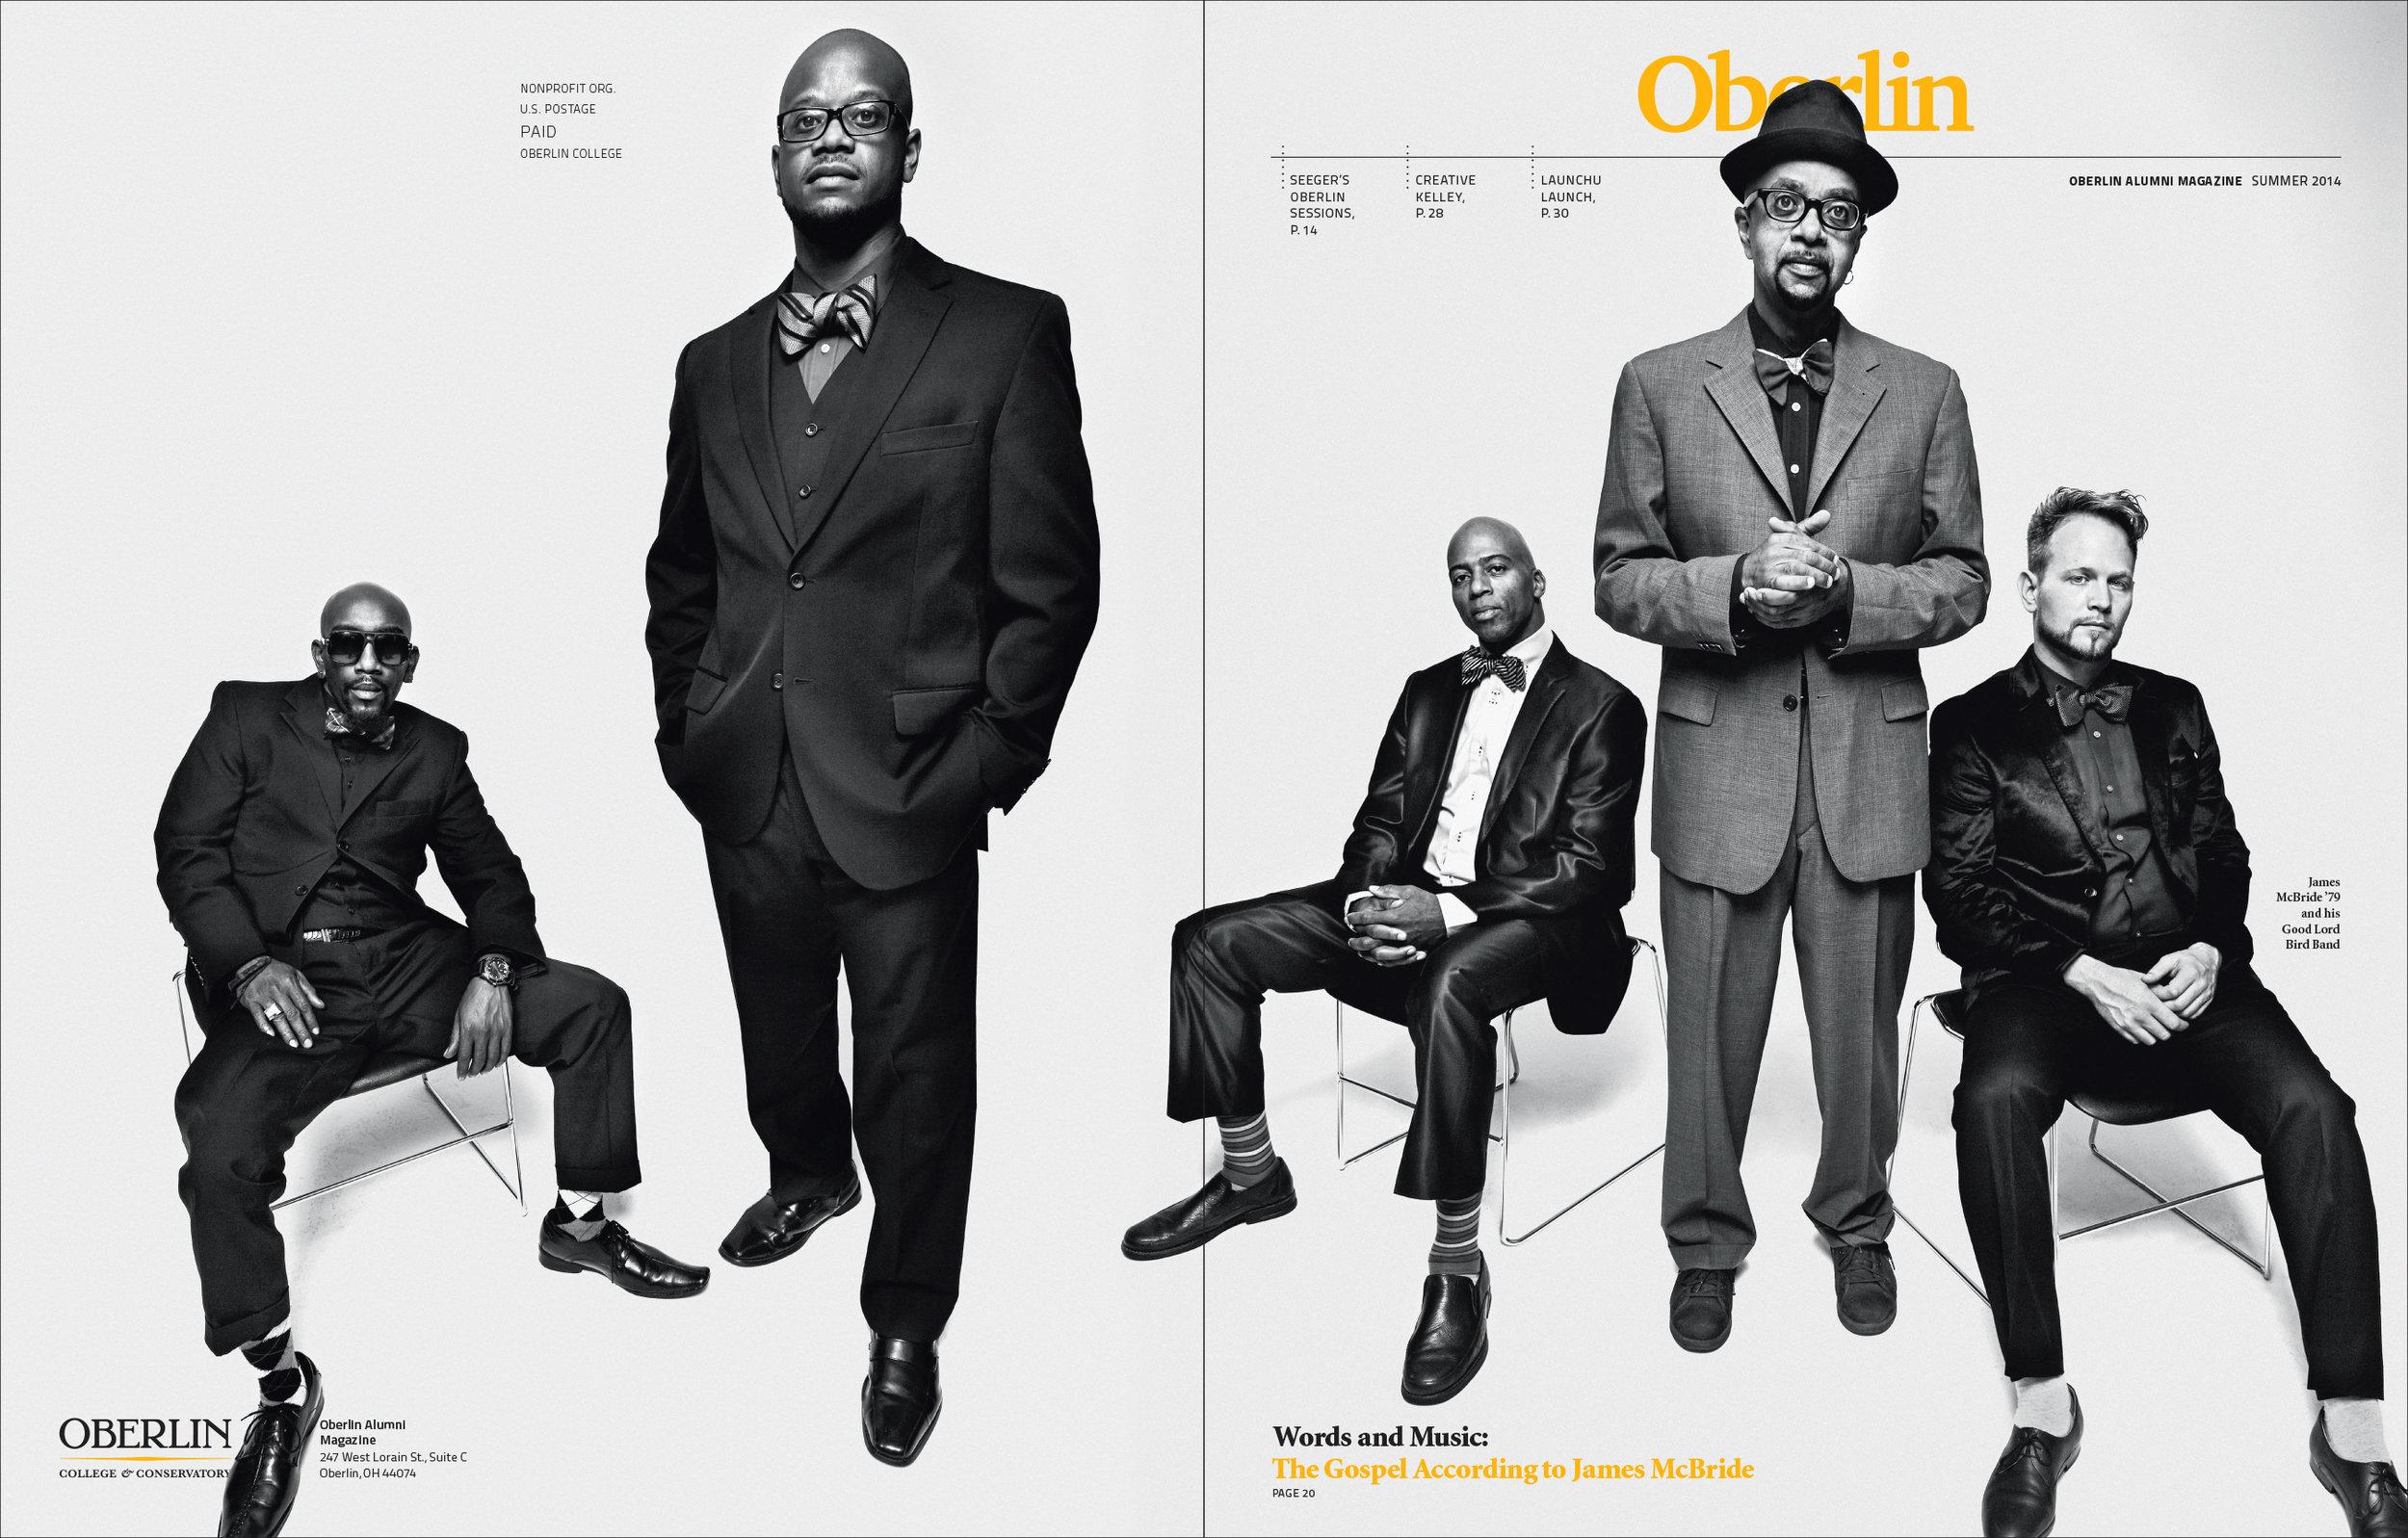 OAM_SUMMER 2014 COVERS.jpg